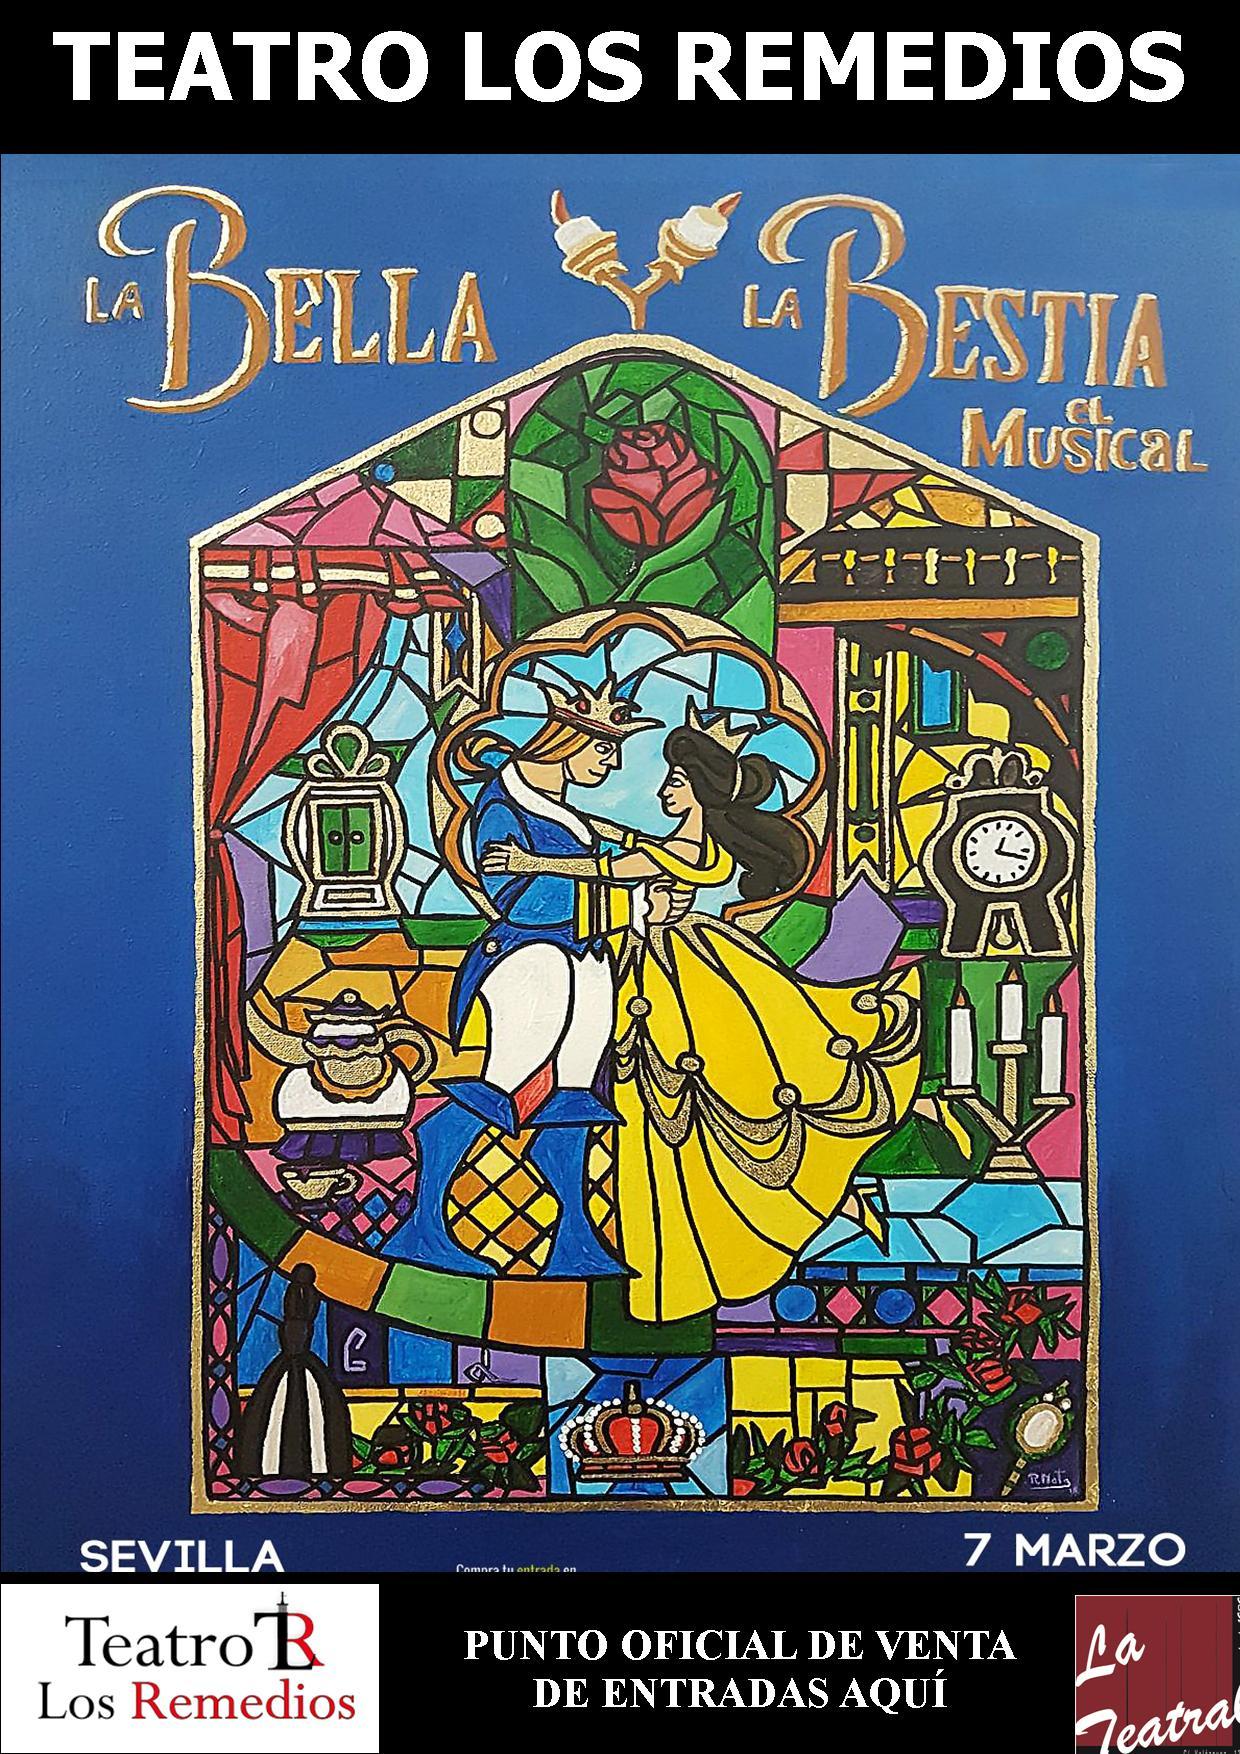 teatro los remedios - La Bella y la Bestia